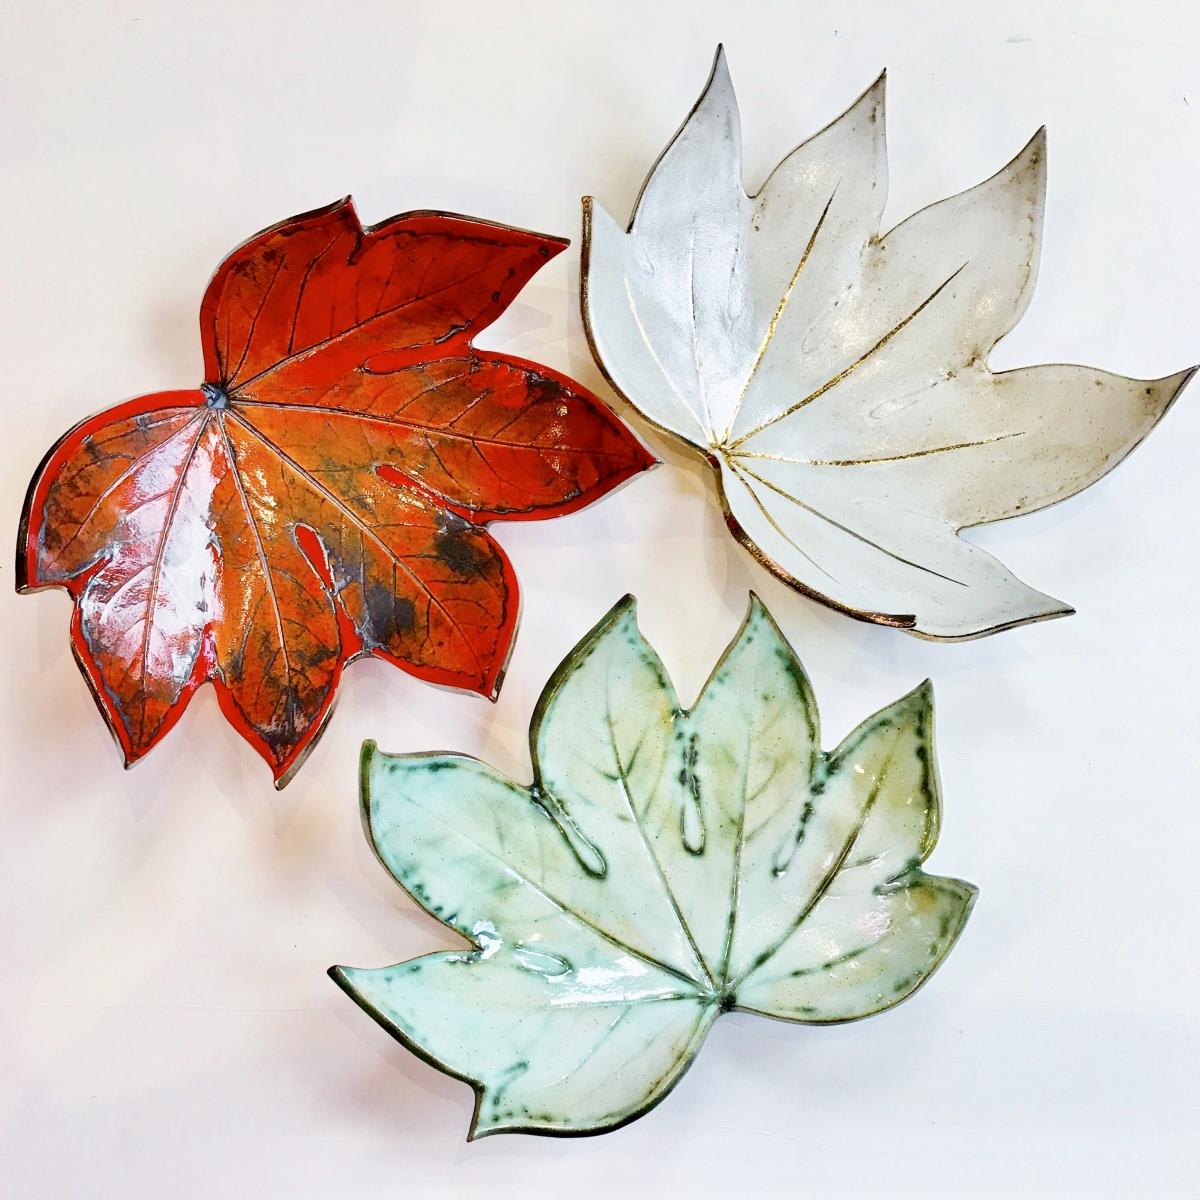 Fatsia Leaf Fruit Bowls by Sonya Ceramic Art